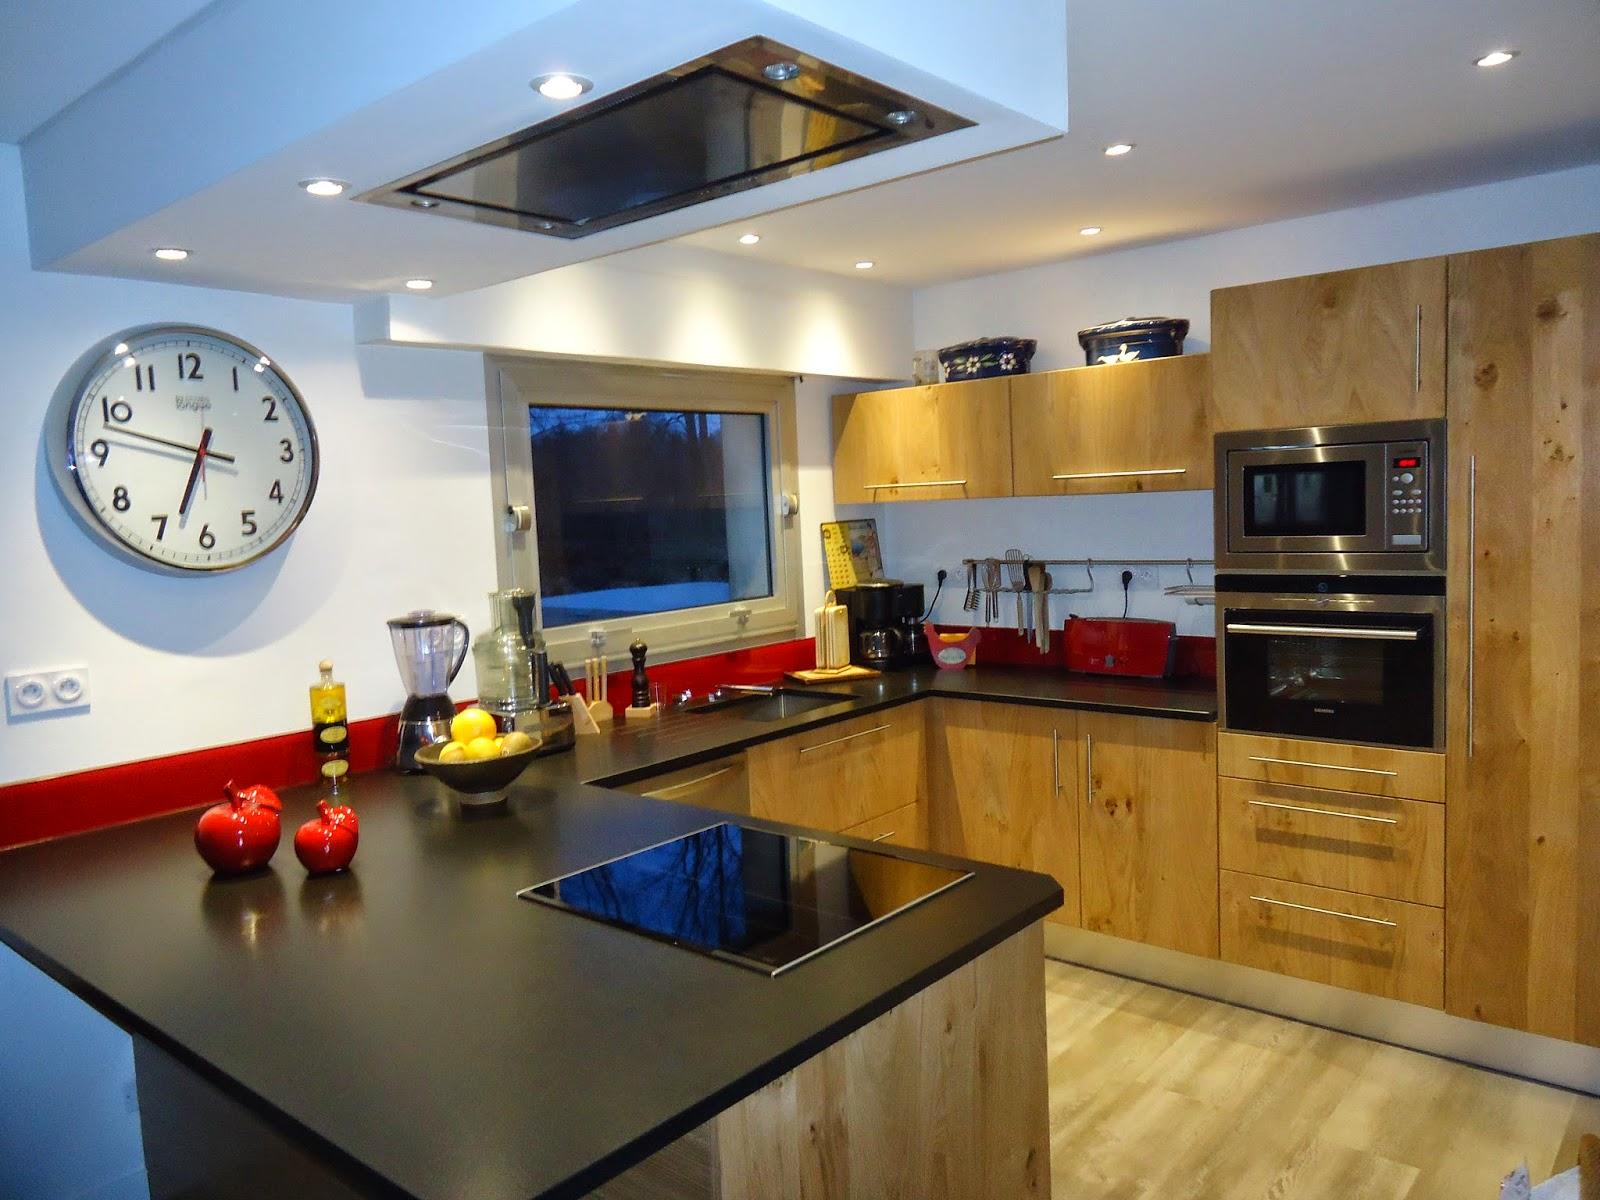 deco cuisine moderne. Black Bedroom Furniture Sets. Home Design Ideas